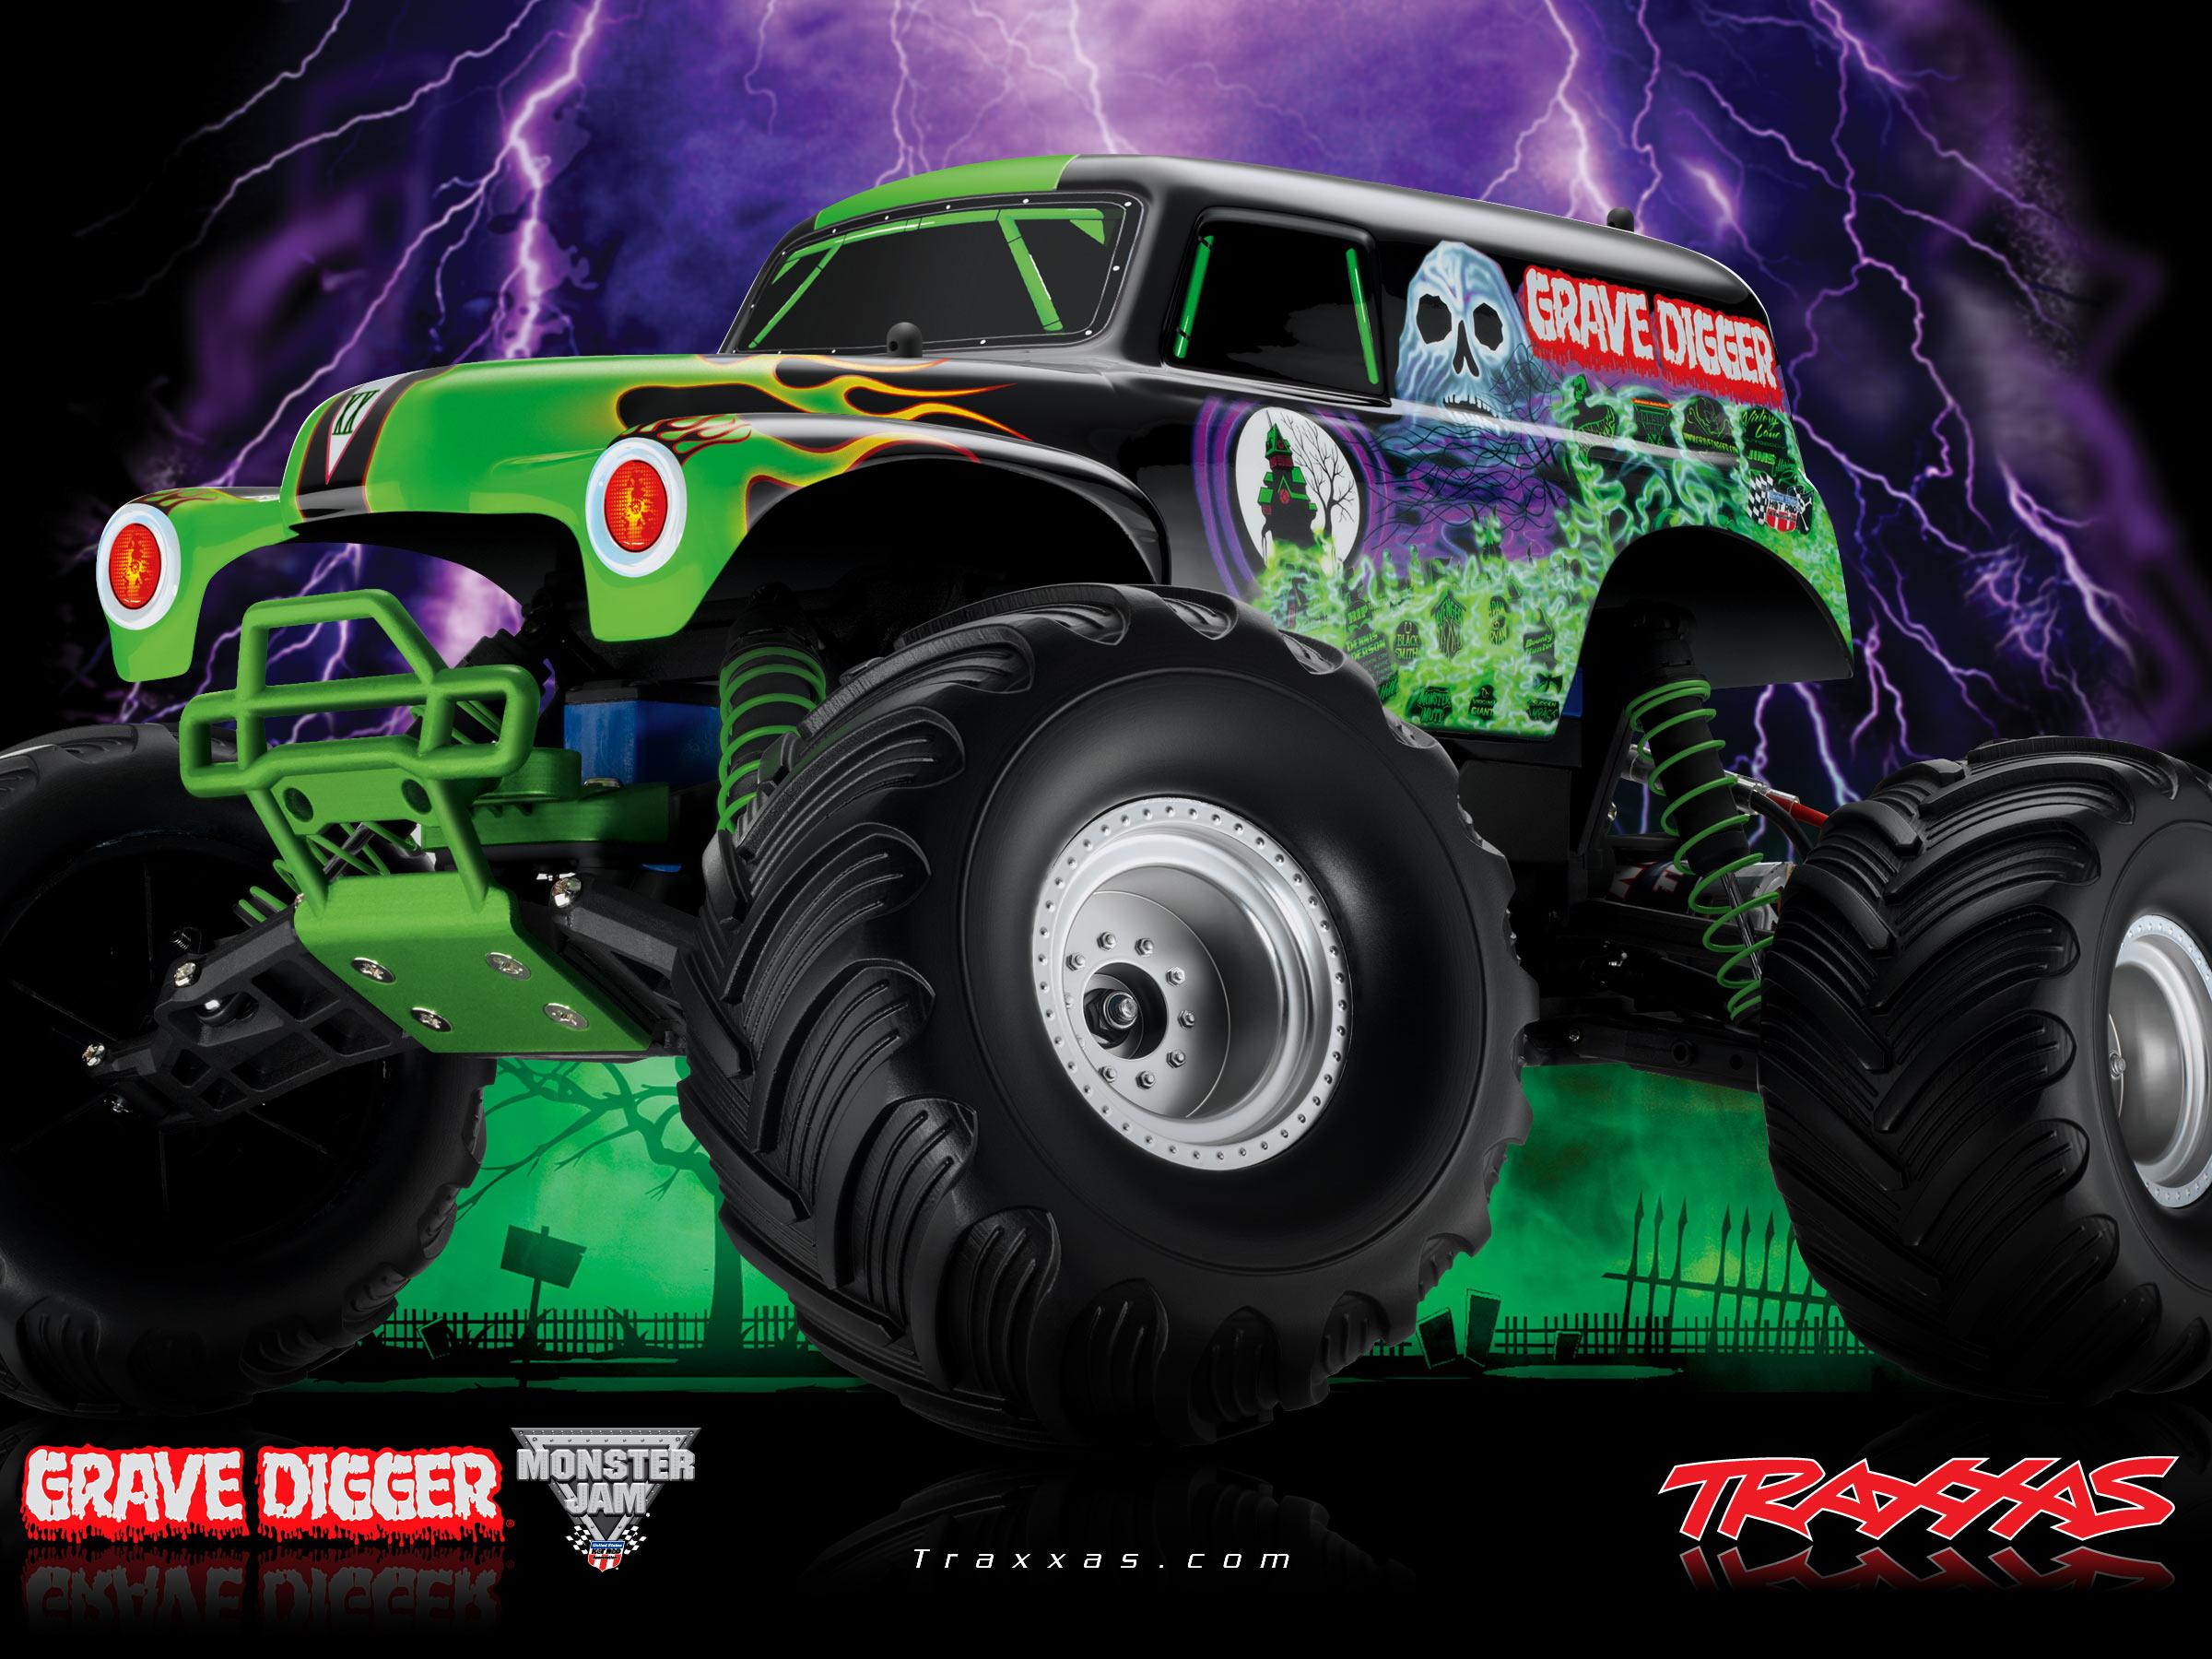 Monster Truck Grave Digger Wallpaper Best Cool Wallpaper 2400x1800